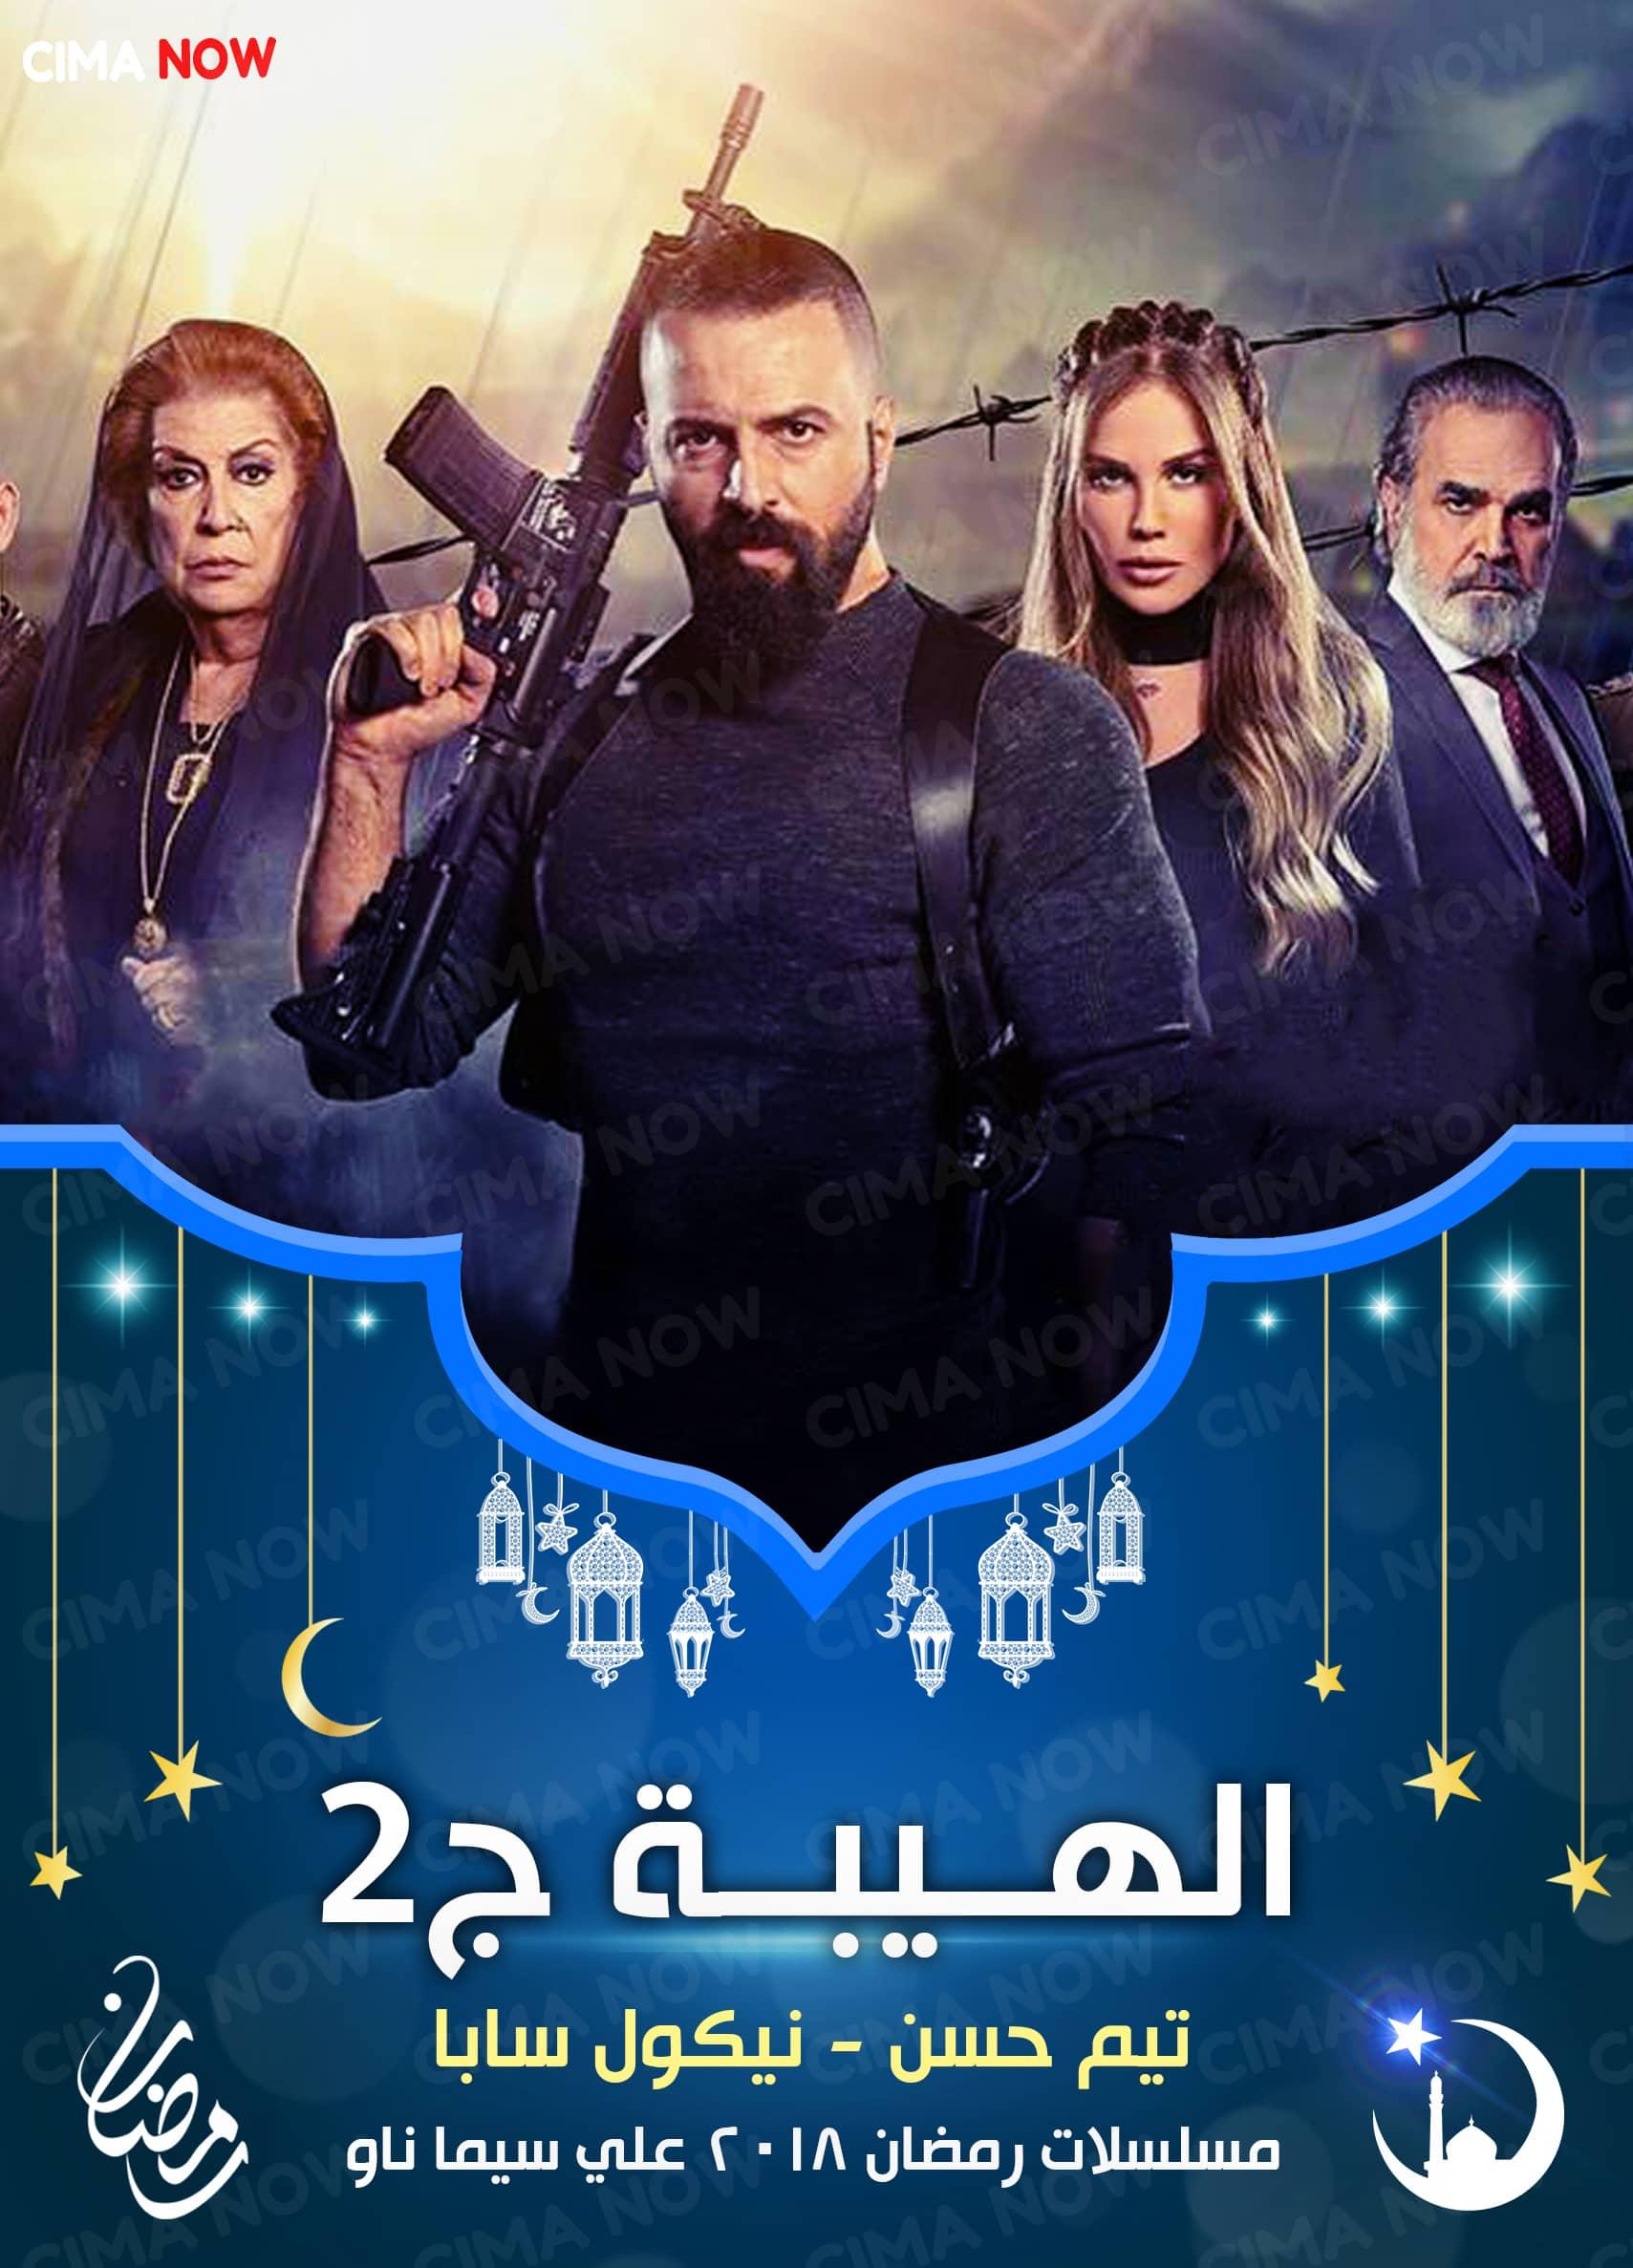 مسلسل الهيبة العودة الجزء الثاني الحلقة 21 الحادية والعشرون